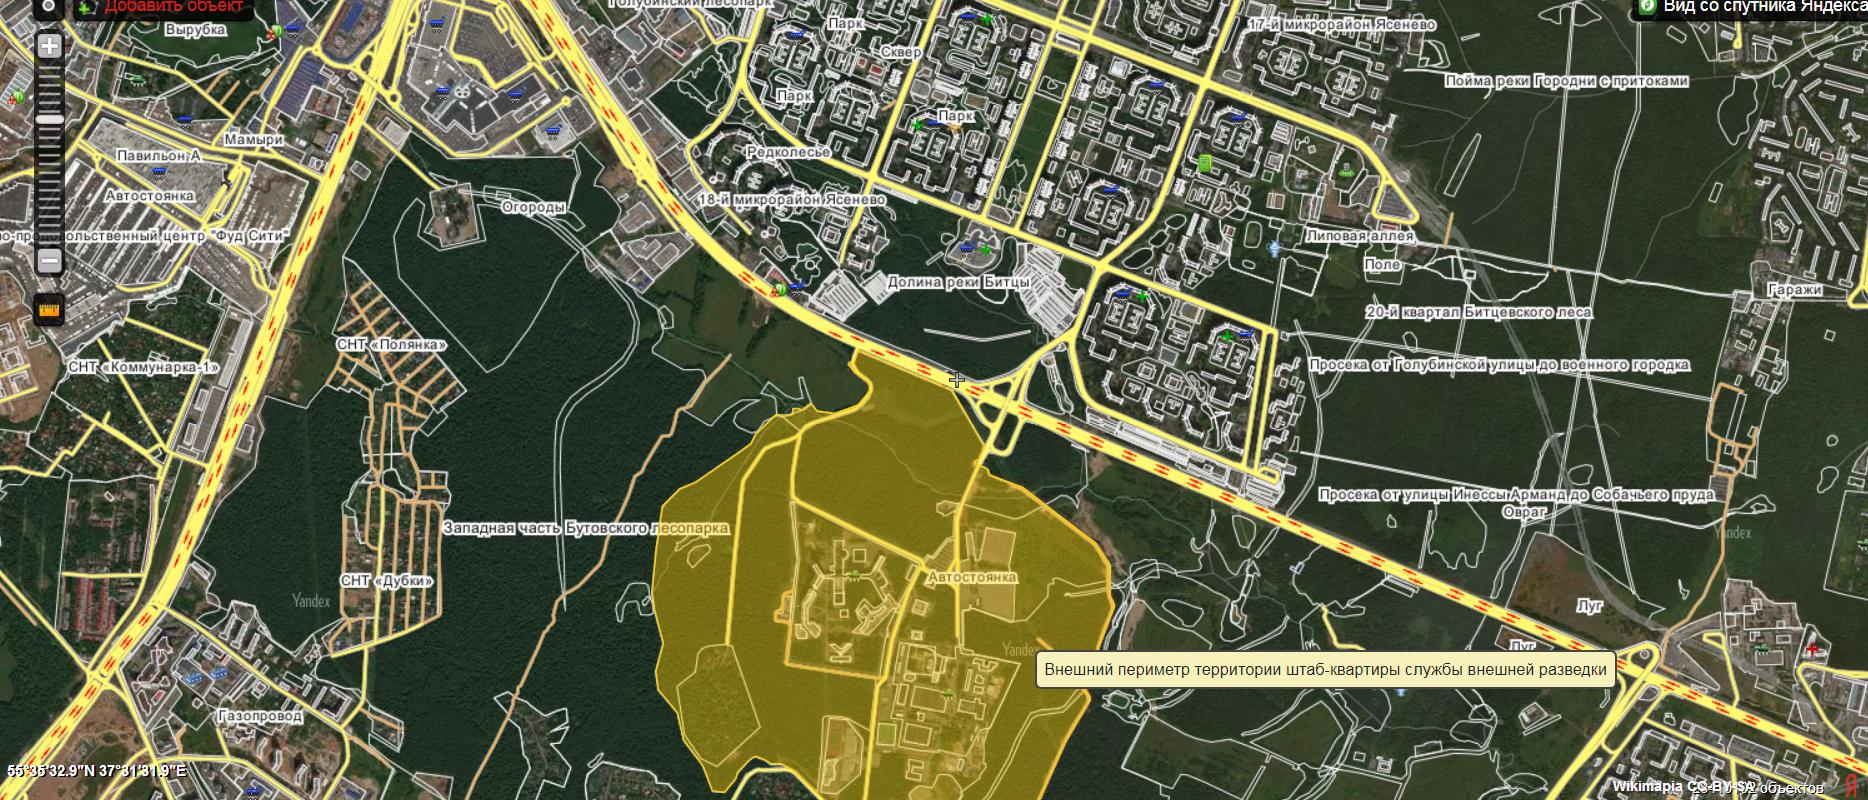 Карти з будівлею, де виготовляють Новачок_2